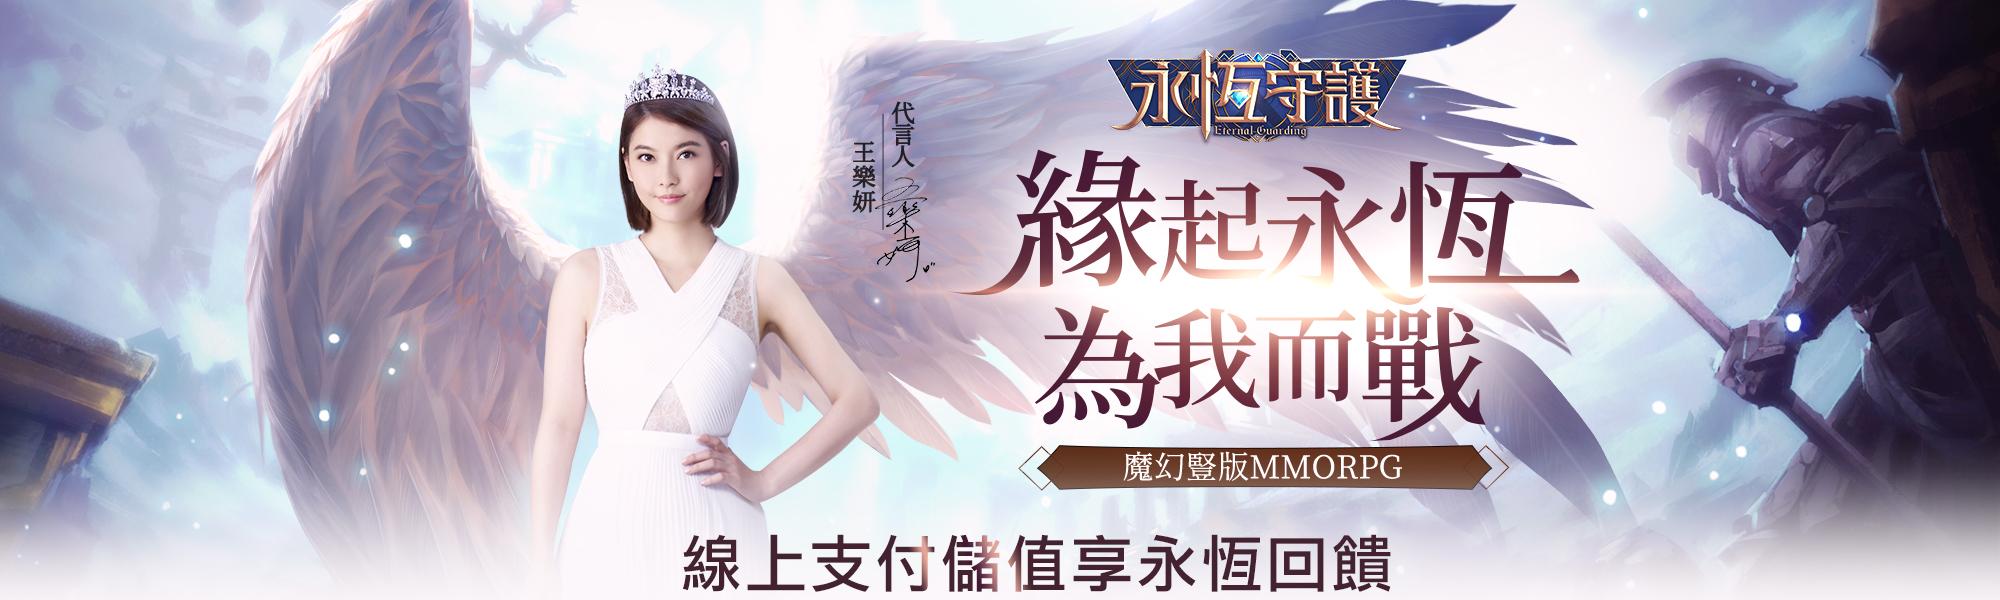 《永恆守護》線上支付儲值享永恆回饋|中華電信